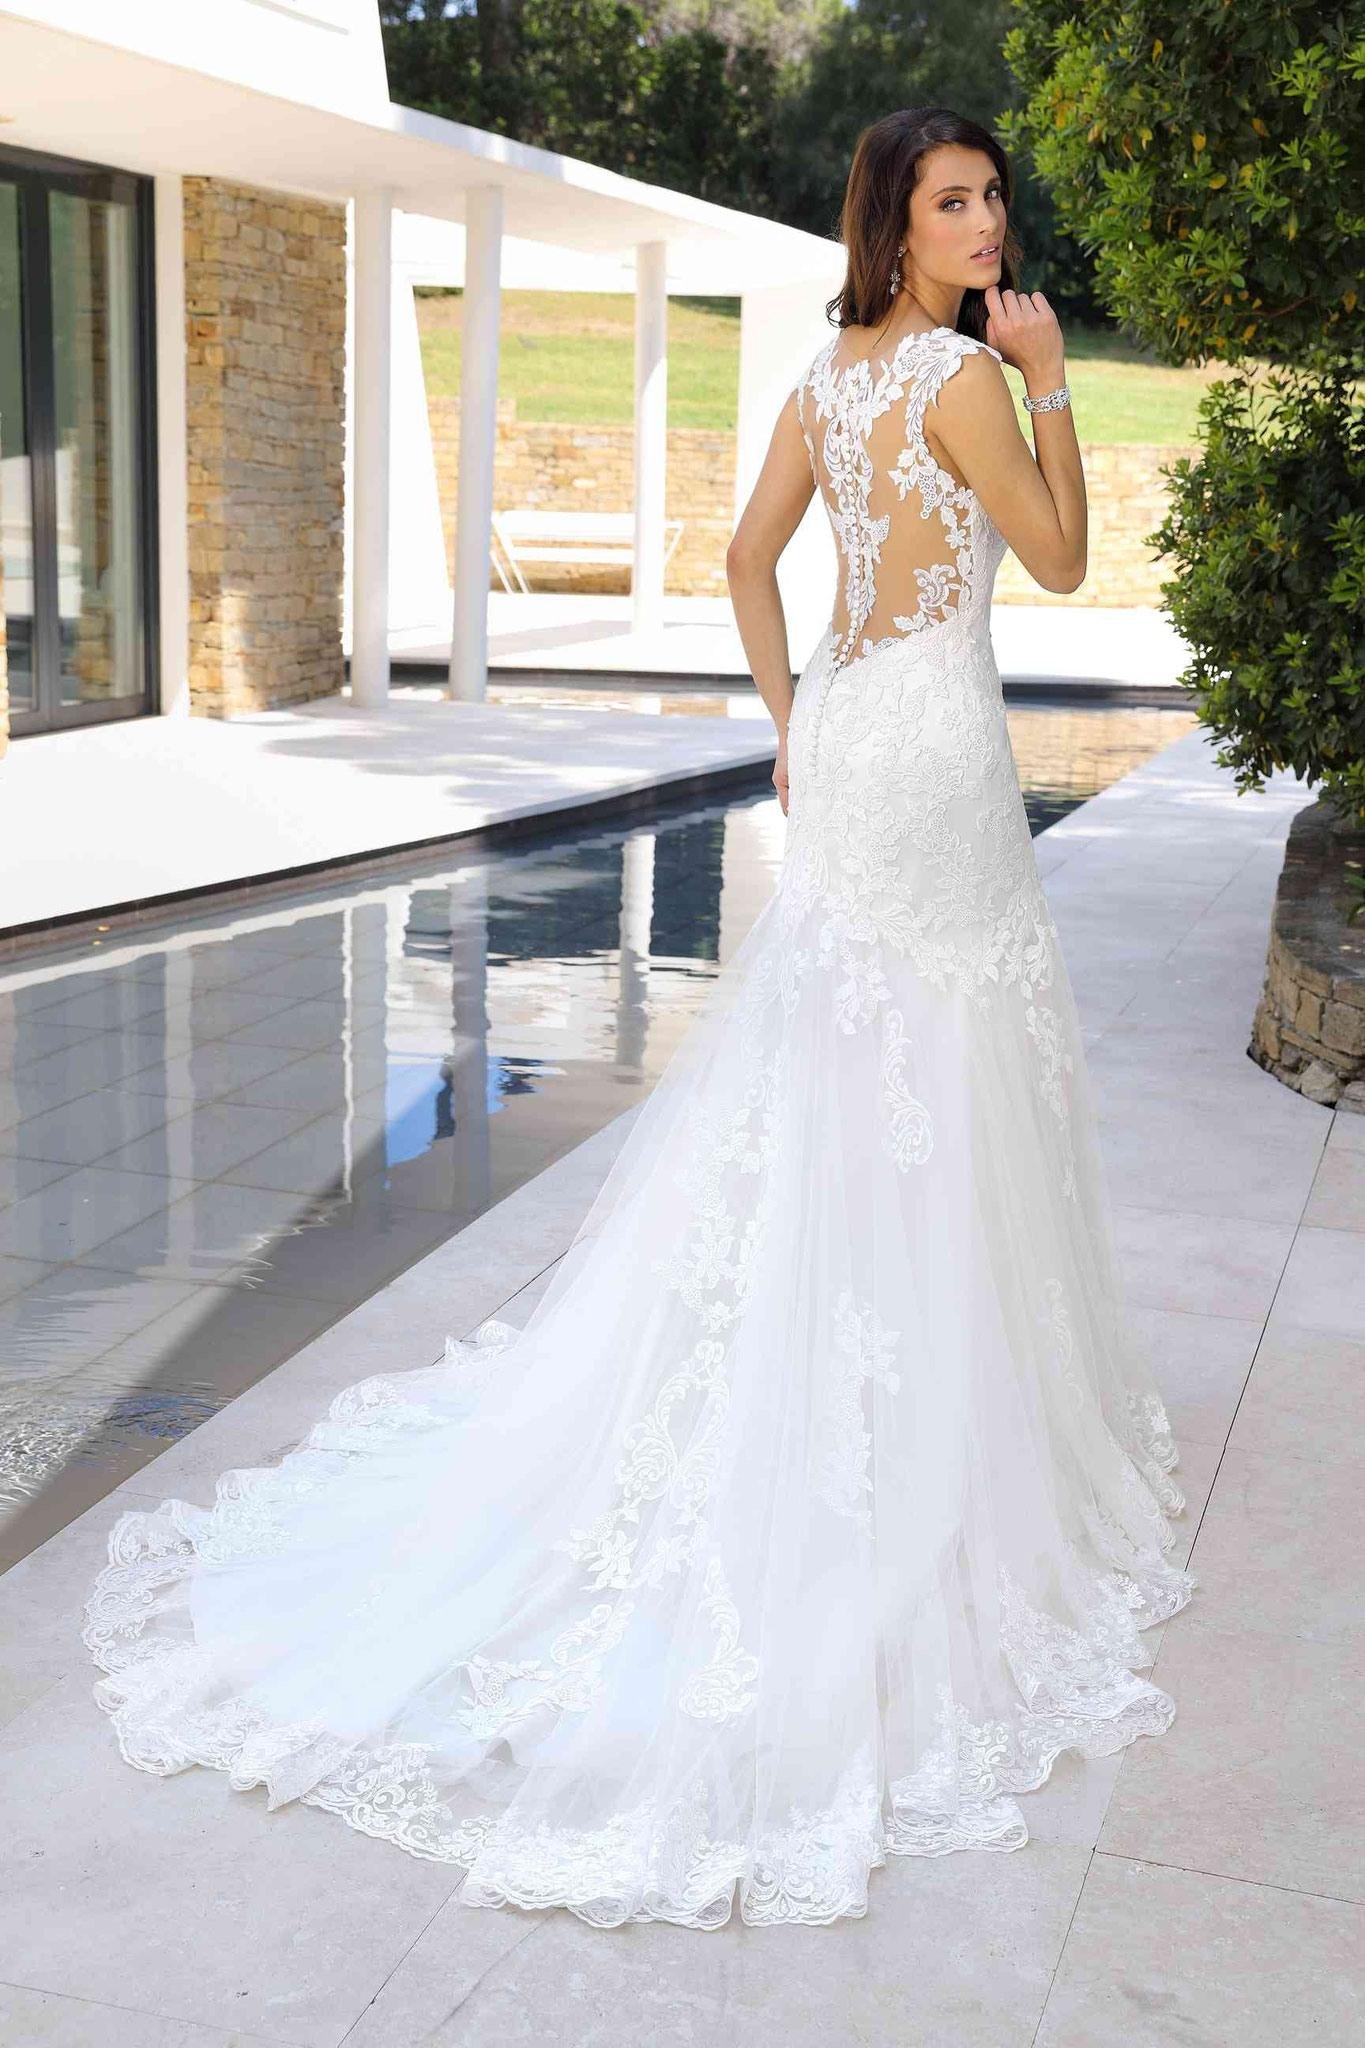 20 Einzigartig Brautmode Brautkleid Vertrieb13 Schön Brautmode Brautkleid Spezialgebiet